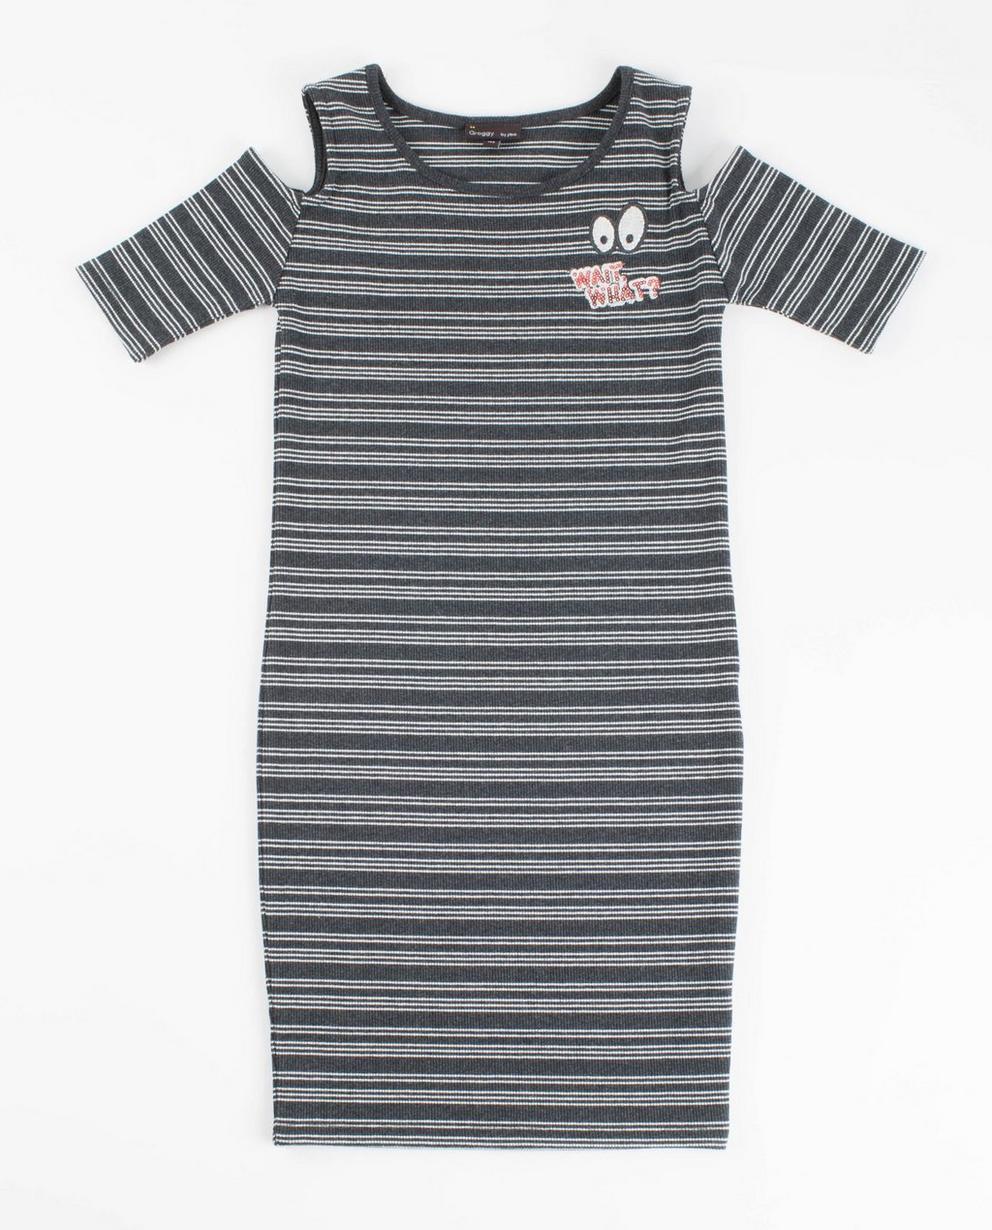 Graues, gestreiftes Kleid - mit Aussparungen - Groggy